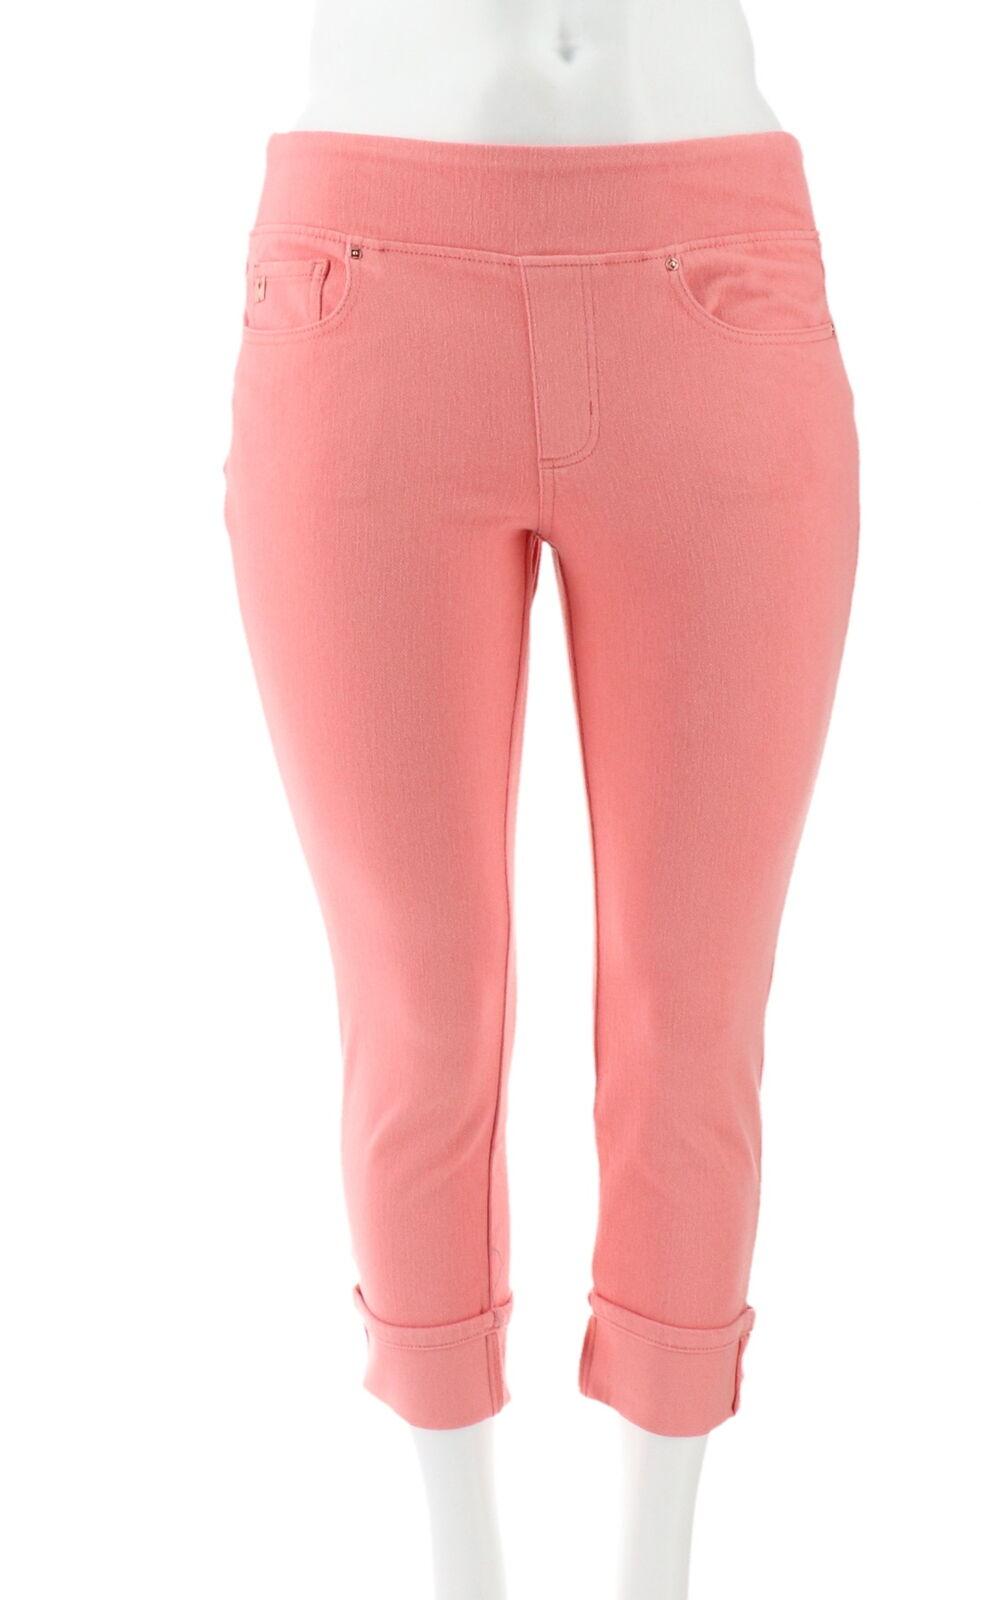 Belle Kim Gravel Flexibelle Cuffed Jeans White 10 NEW A345862